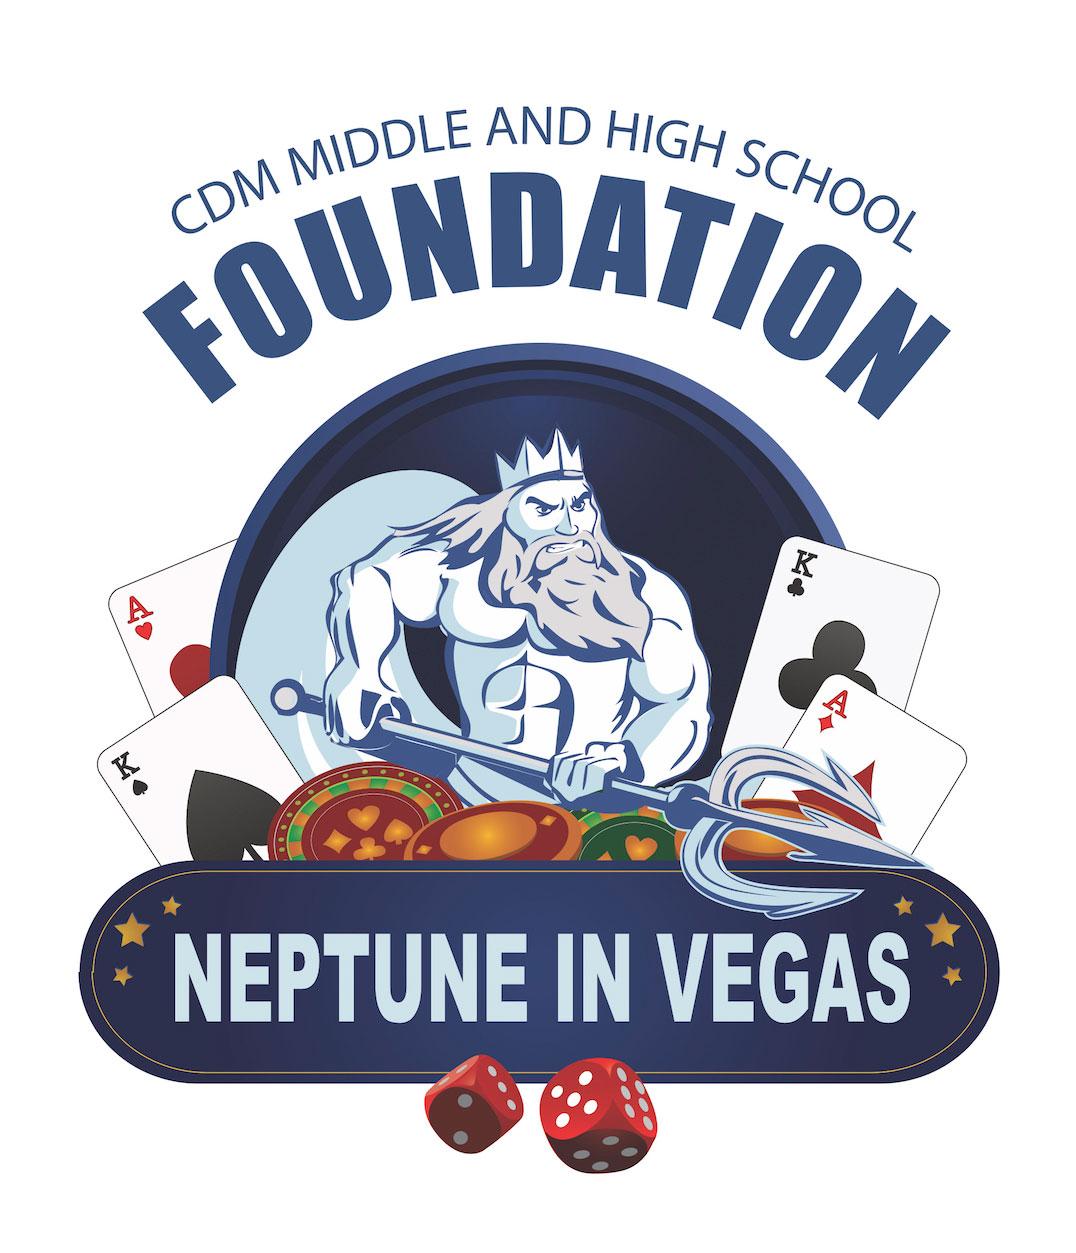 8450e9a58b80 Foundation hosts Neptune logo